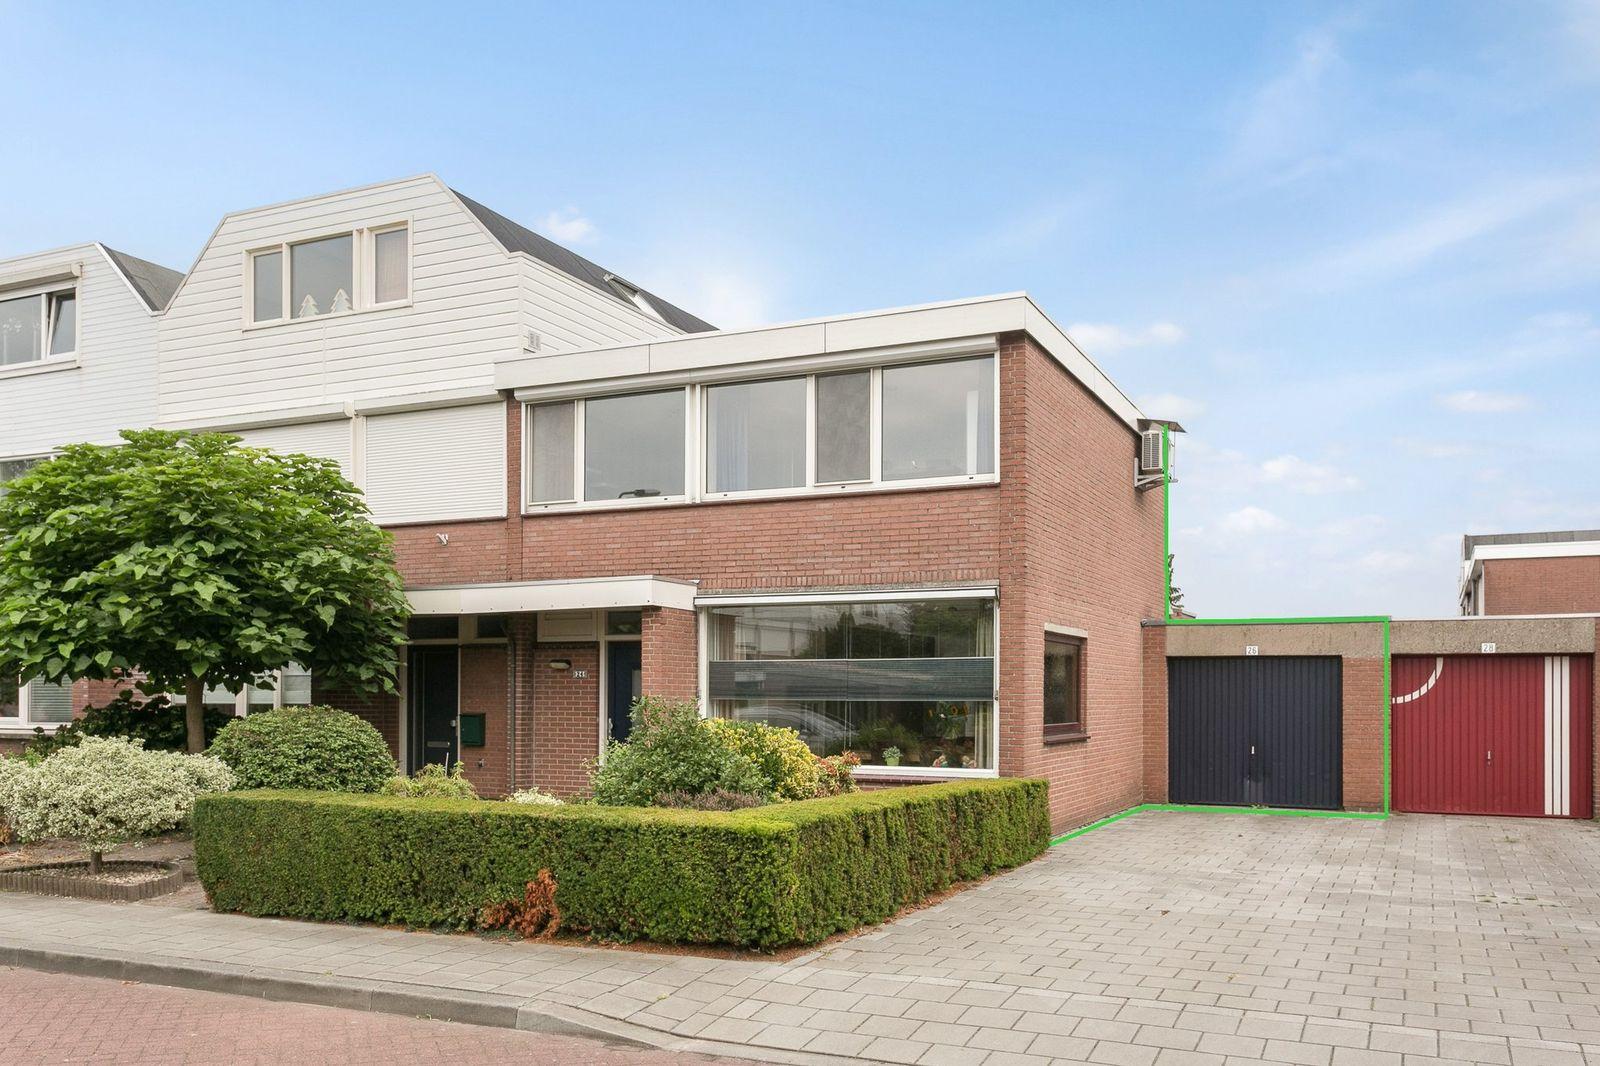 Petrus van Schendelstraat 24, Rosmalen